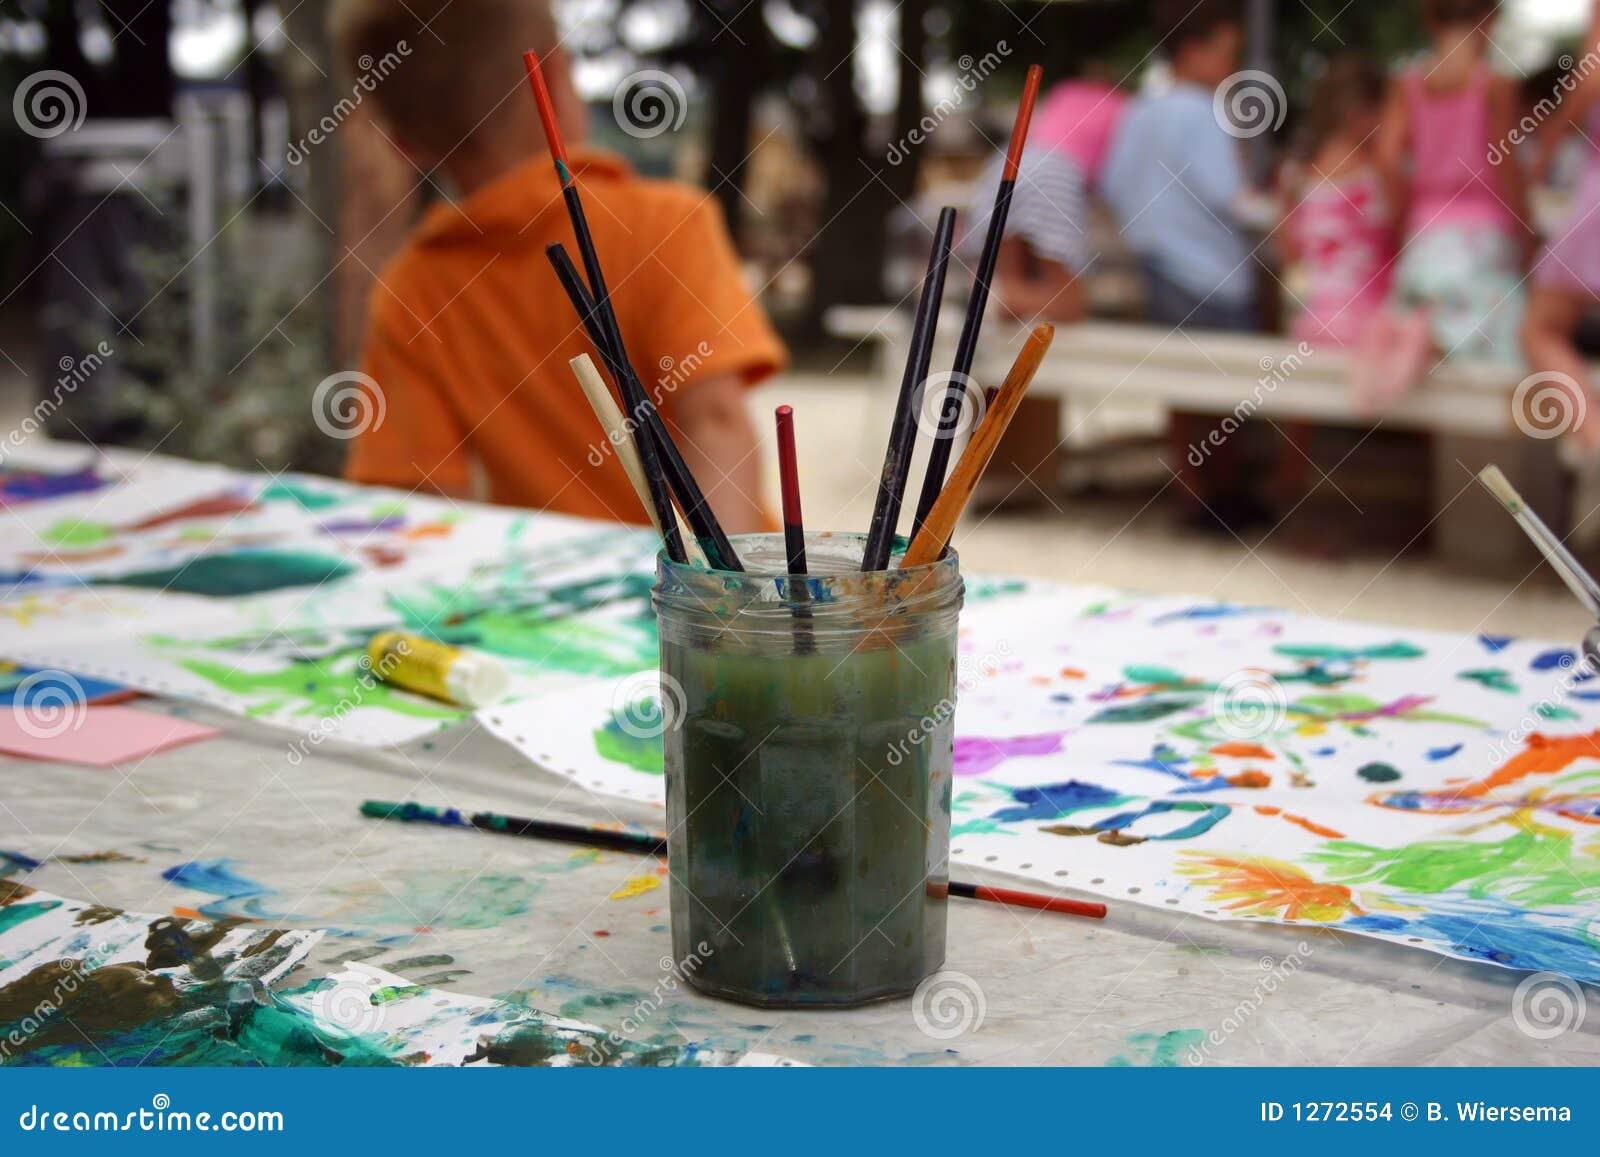 La peinture des enfants